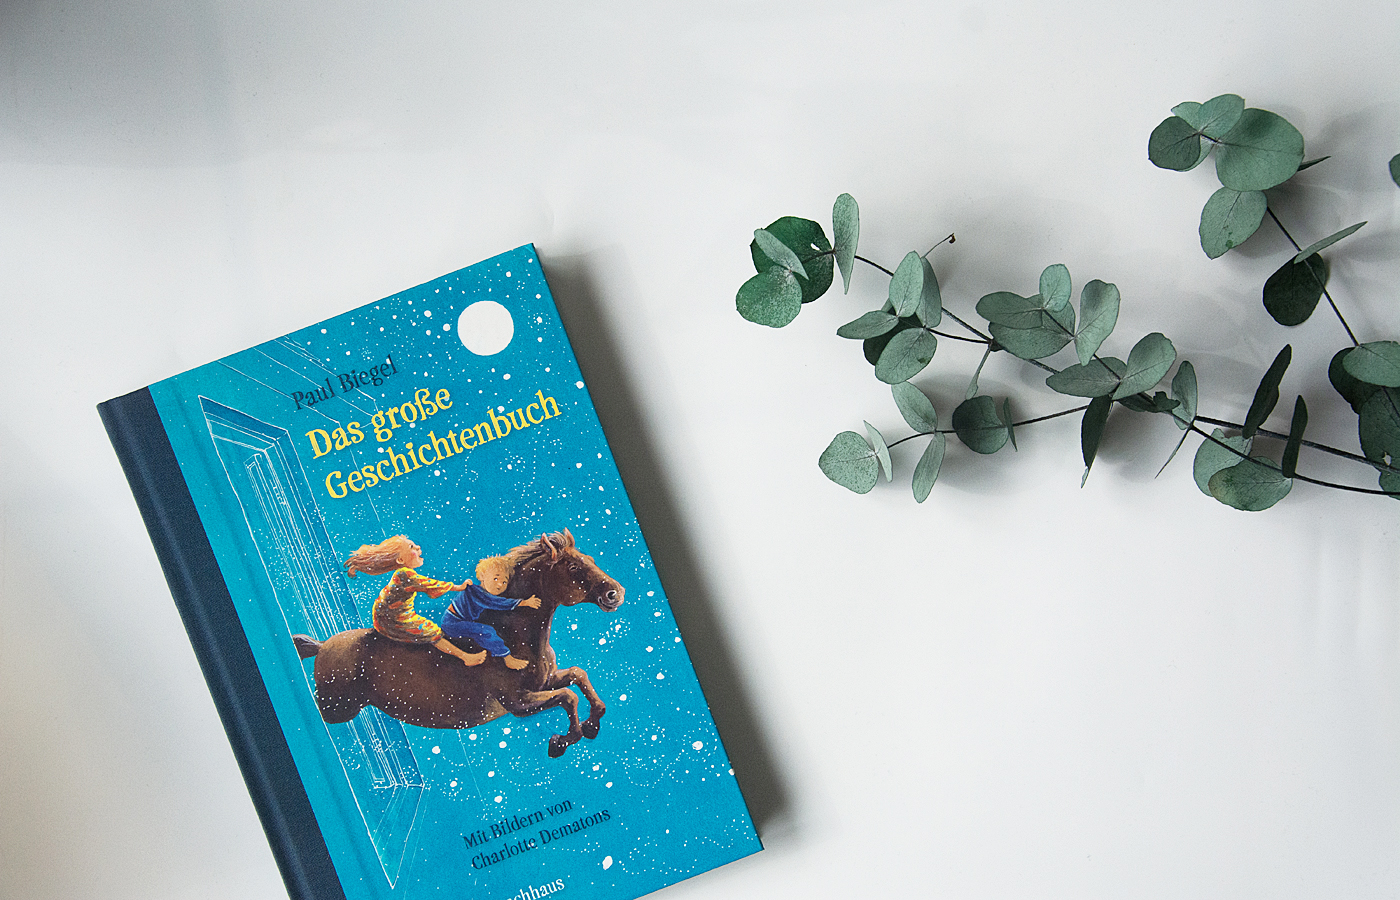 »Das große Geschichtenbuch« von Paul Biegel